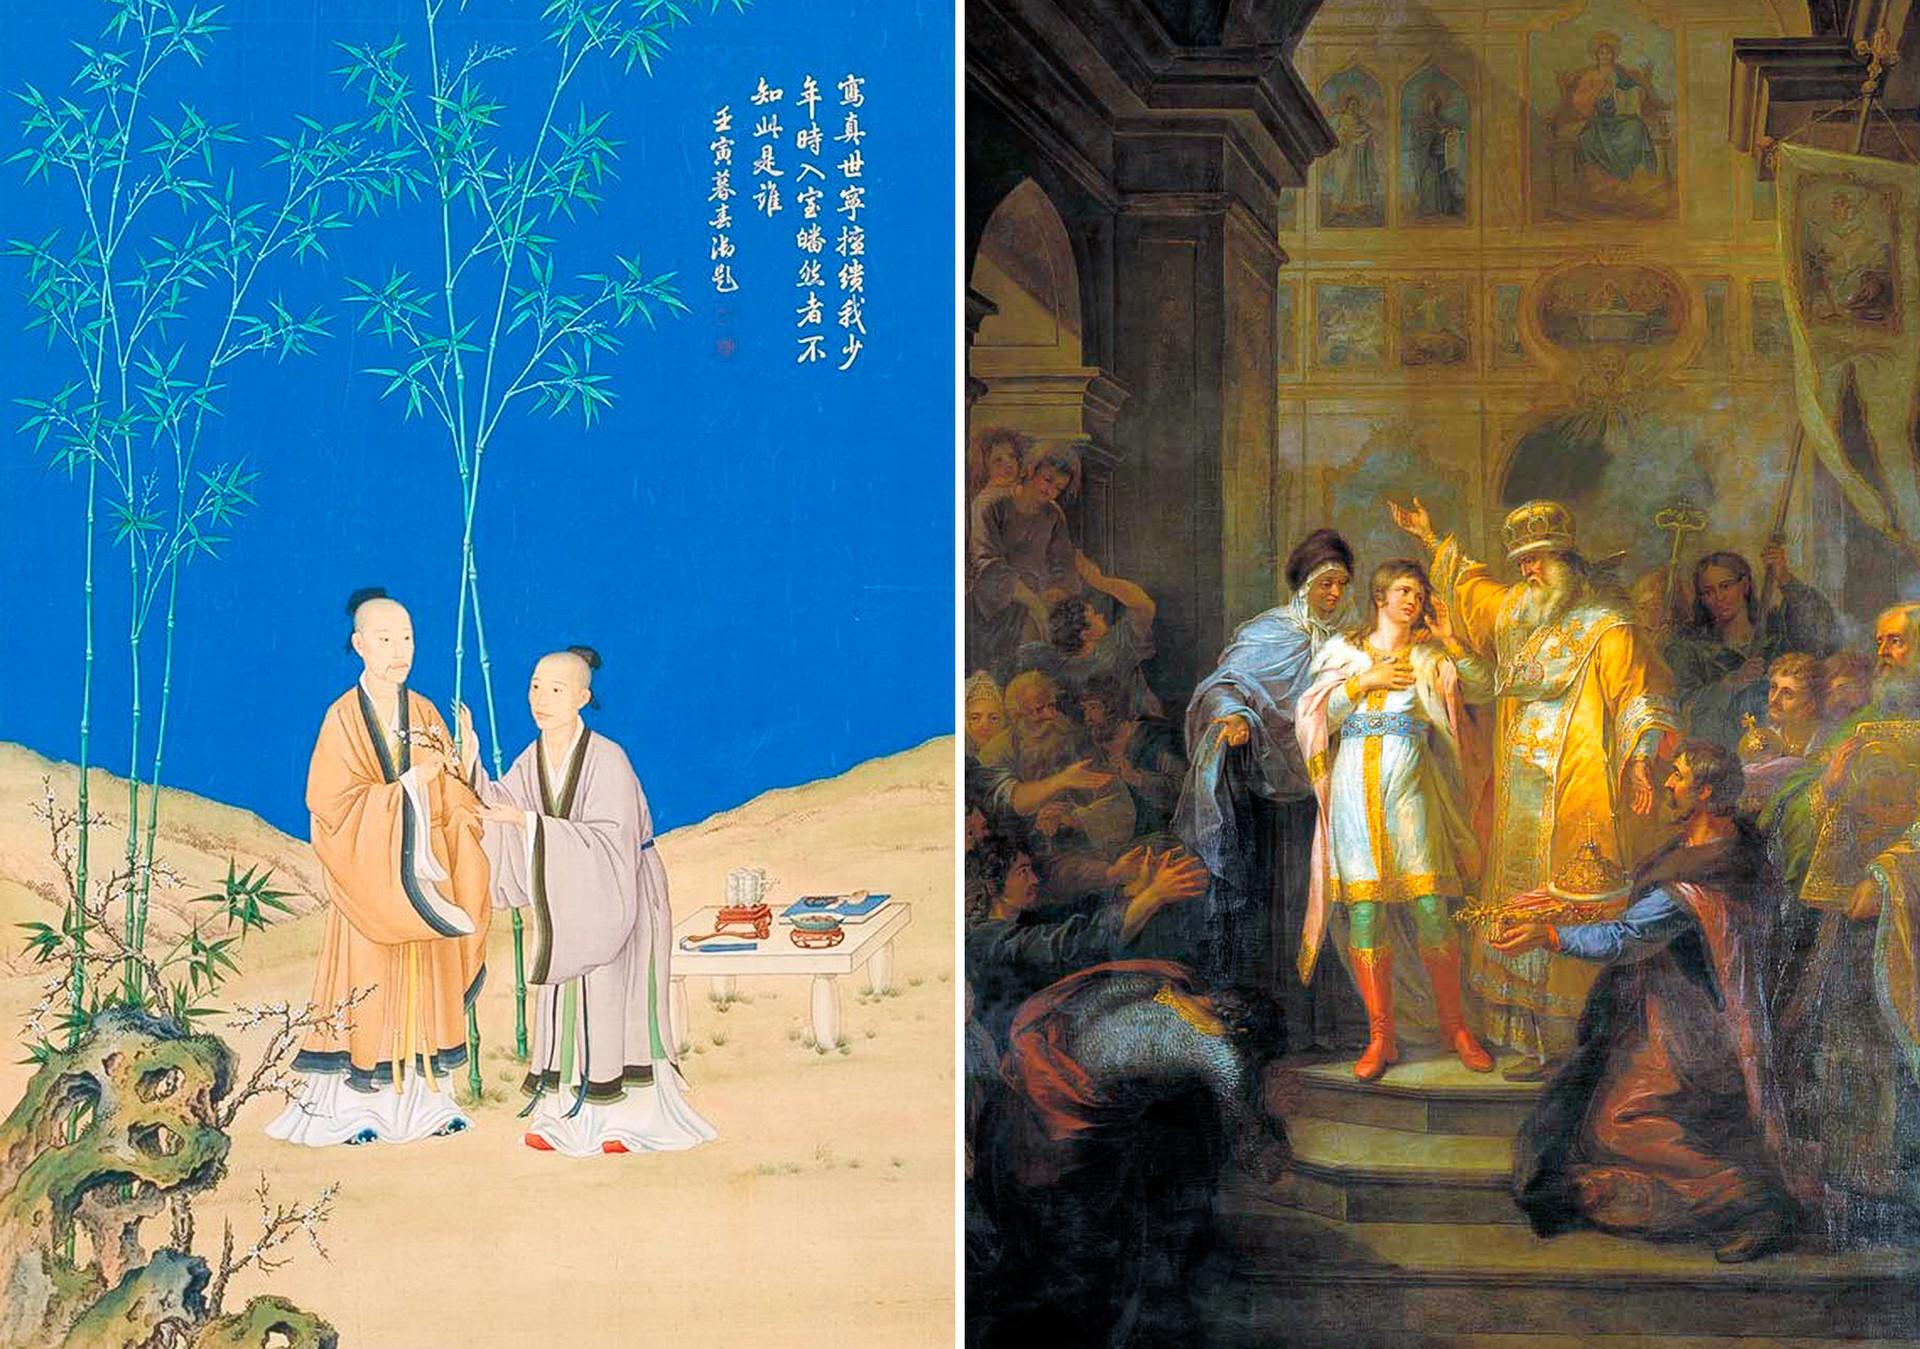 Lijevo: Poruka mirnog proljeća, Giuseppe Castiglione. Dinastija Qing, vladavina Qianlonga  (1736.–1796.) Desno: Izbor Mihaila Fjodoroviča za ruskog cara 14. ožujka 1613. godine.